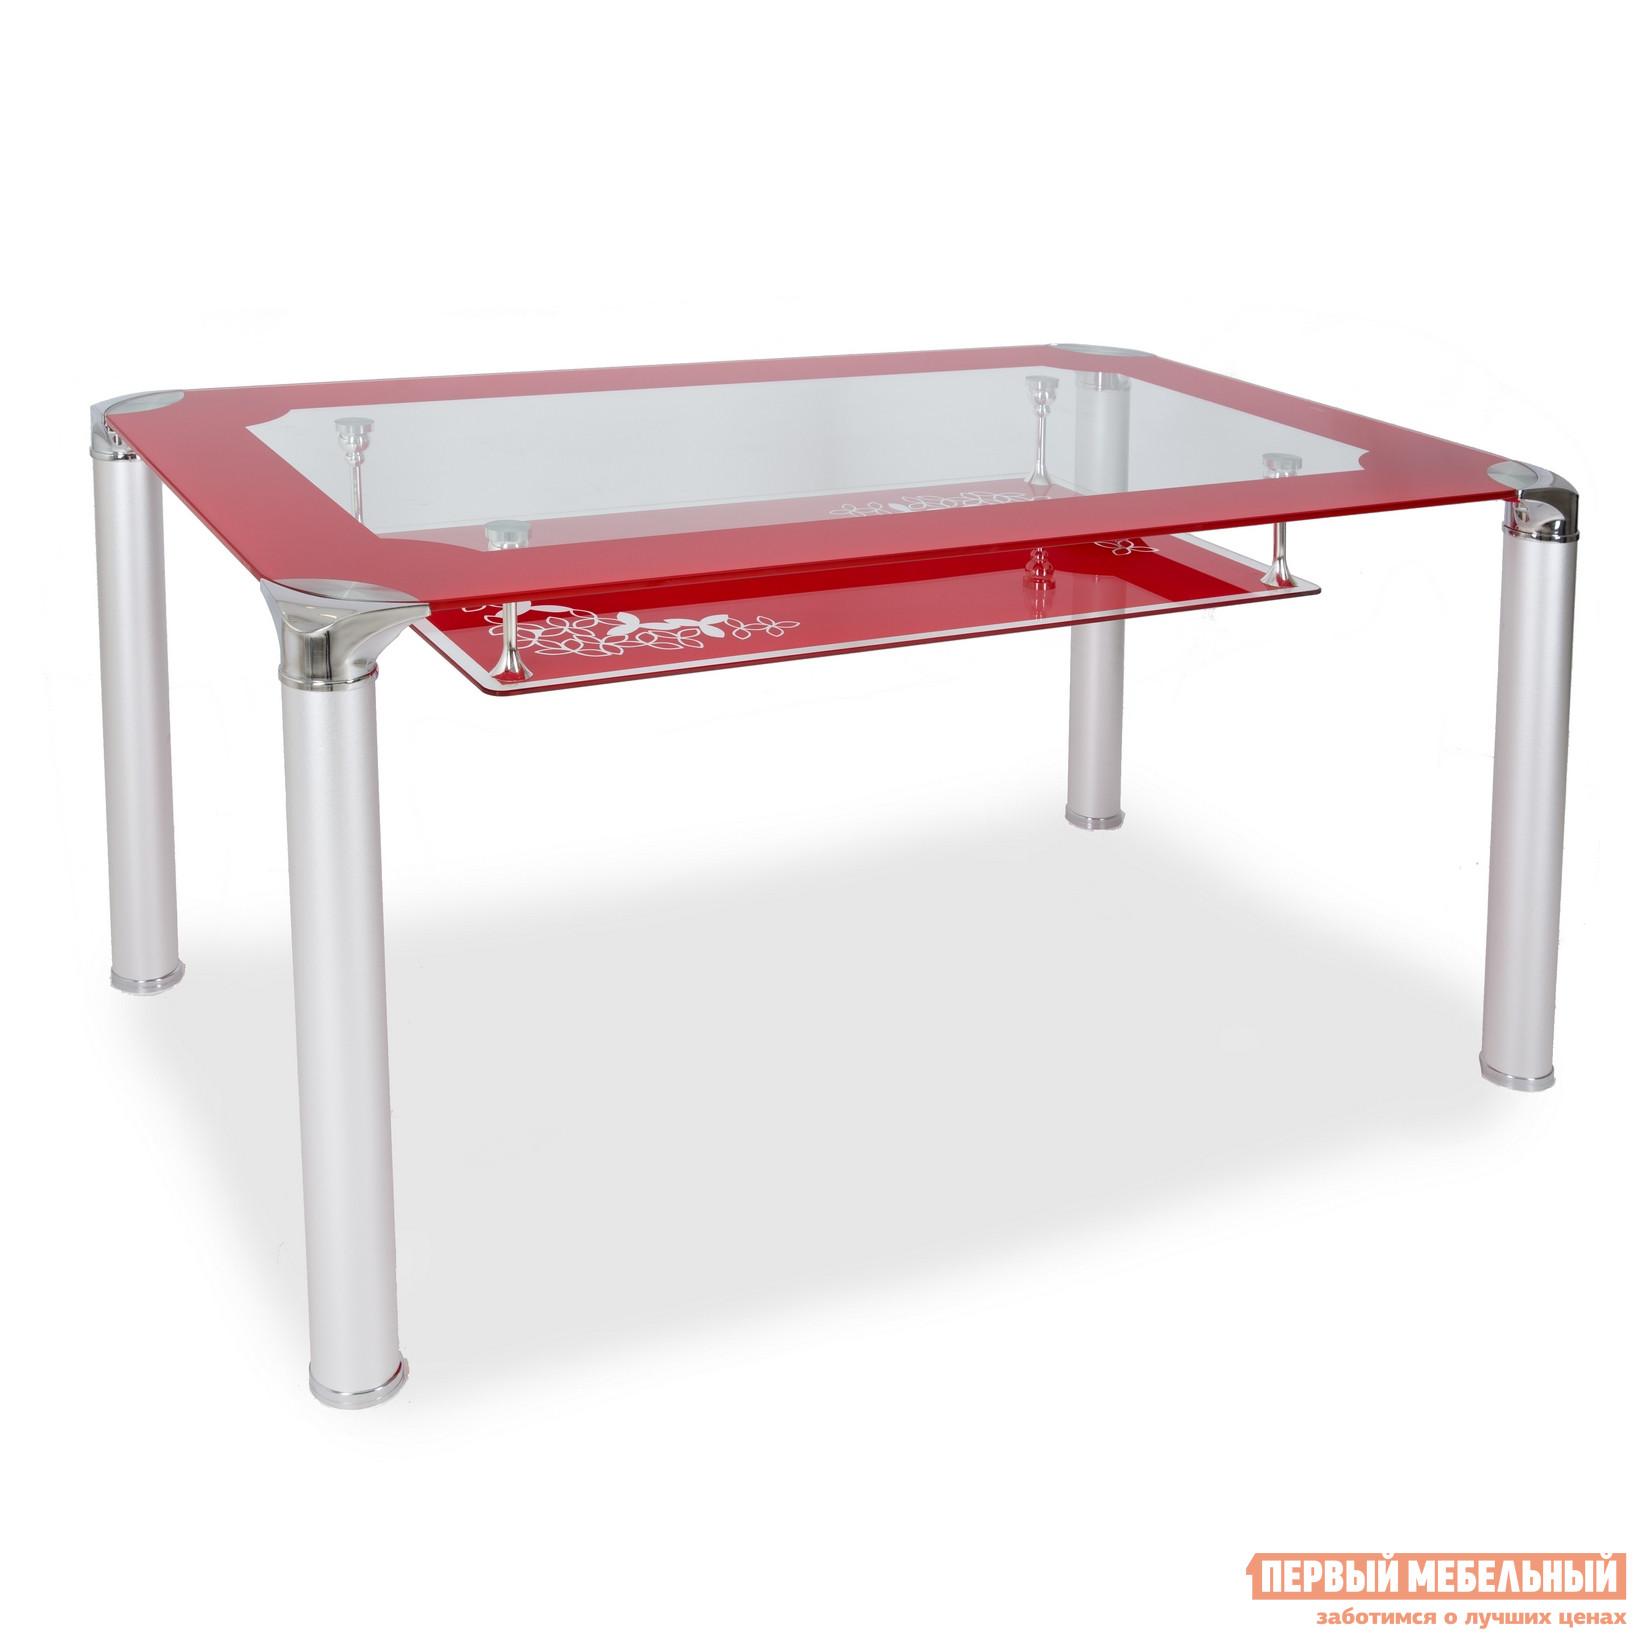 Стеклянный обеденный стол Бентли Трейд S206 (130)